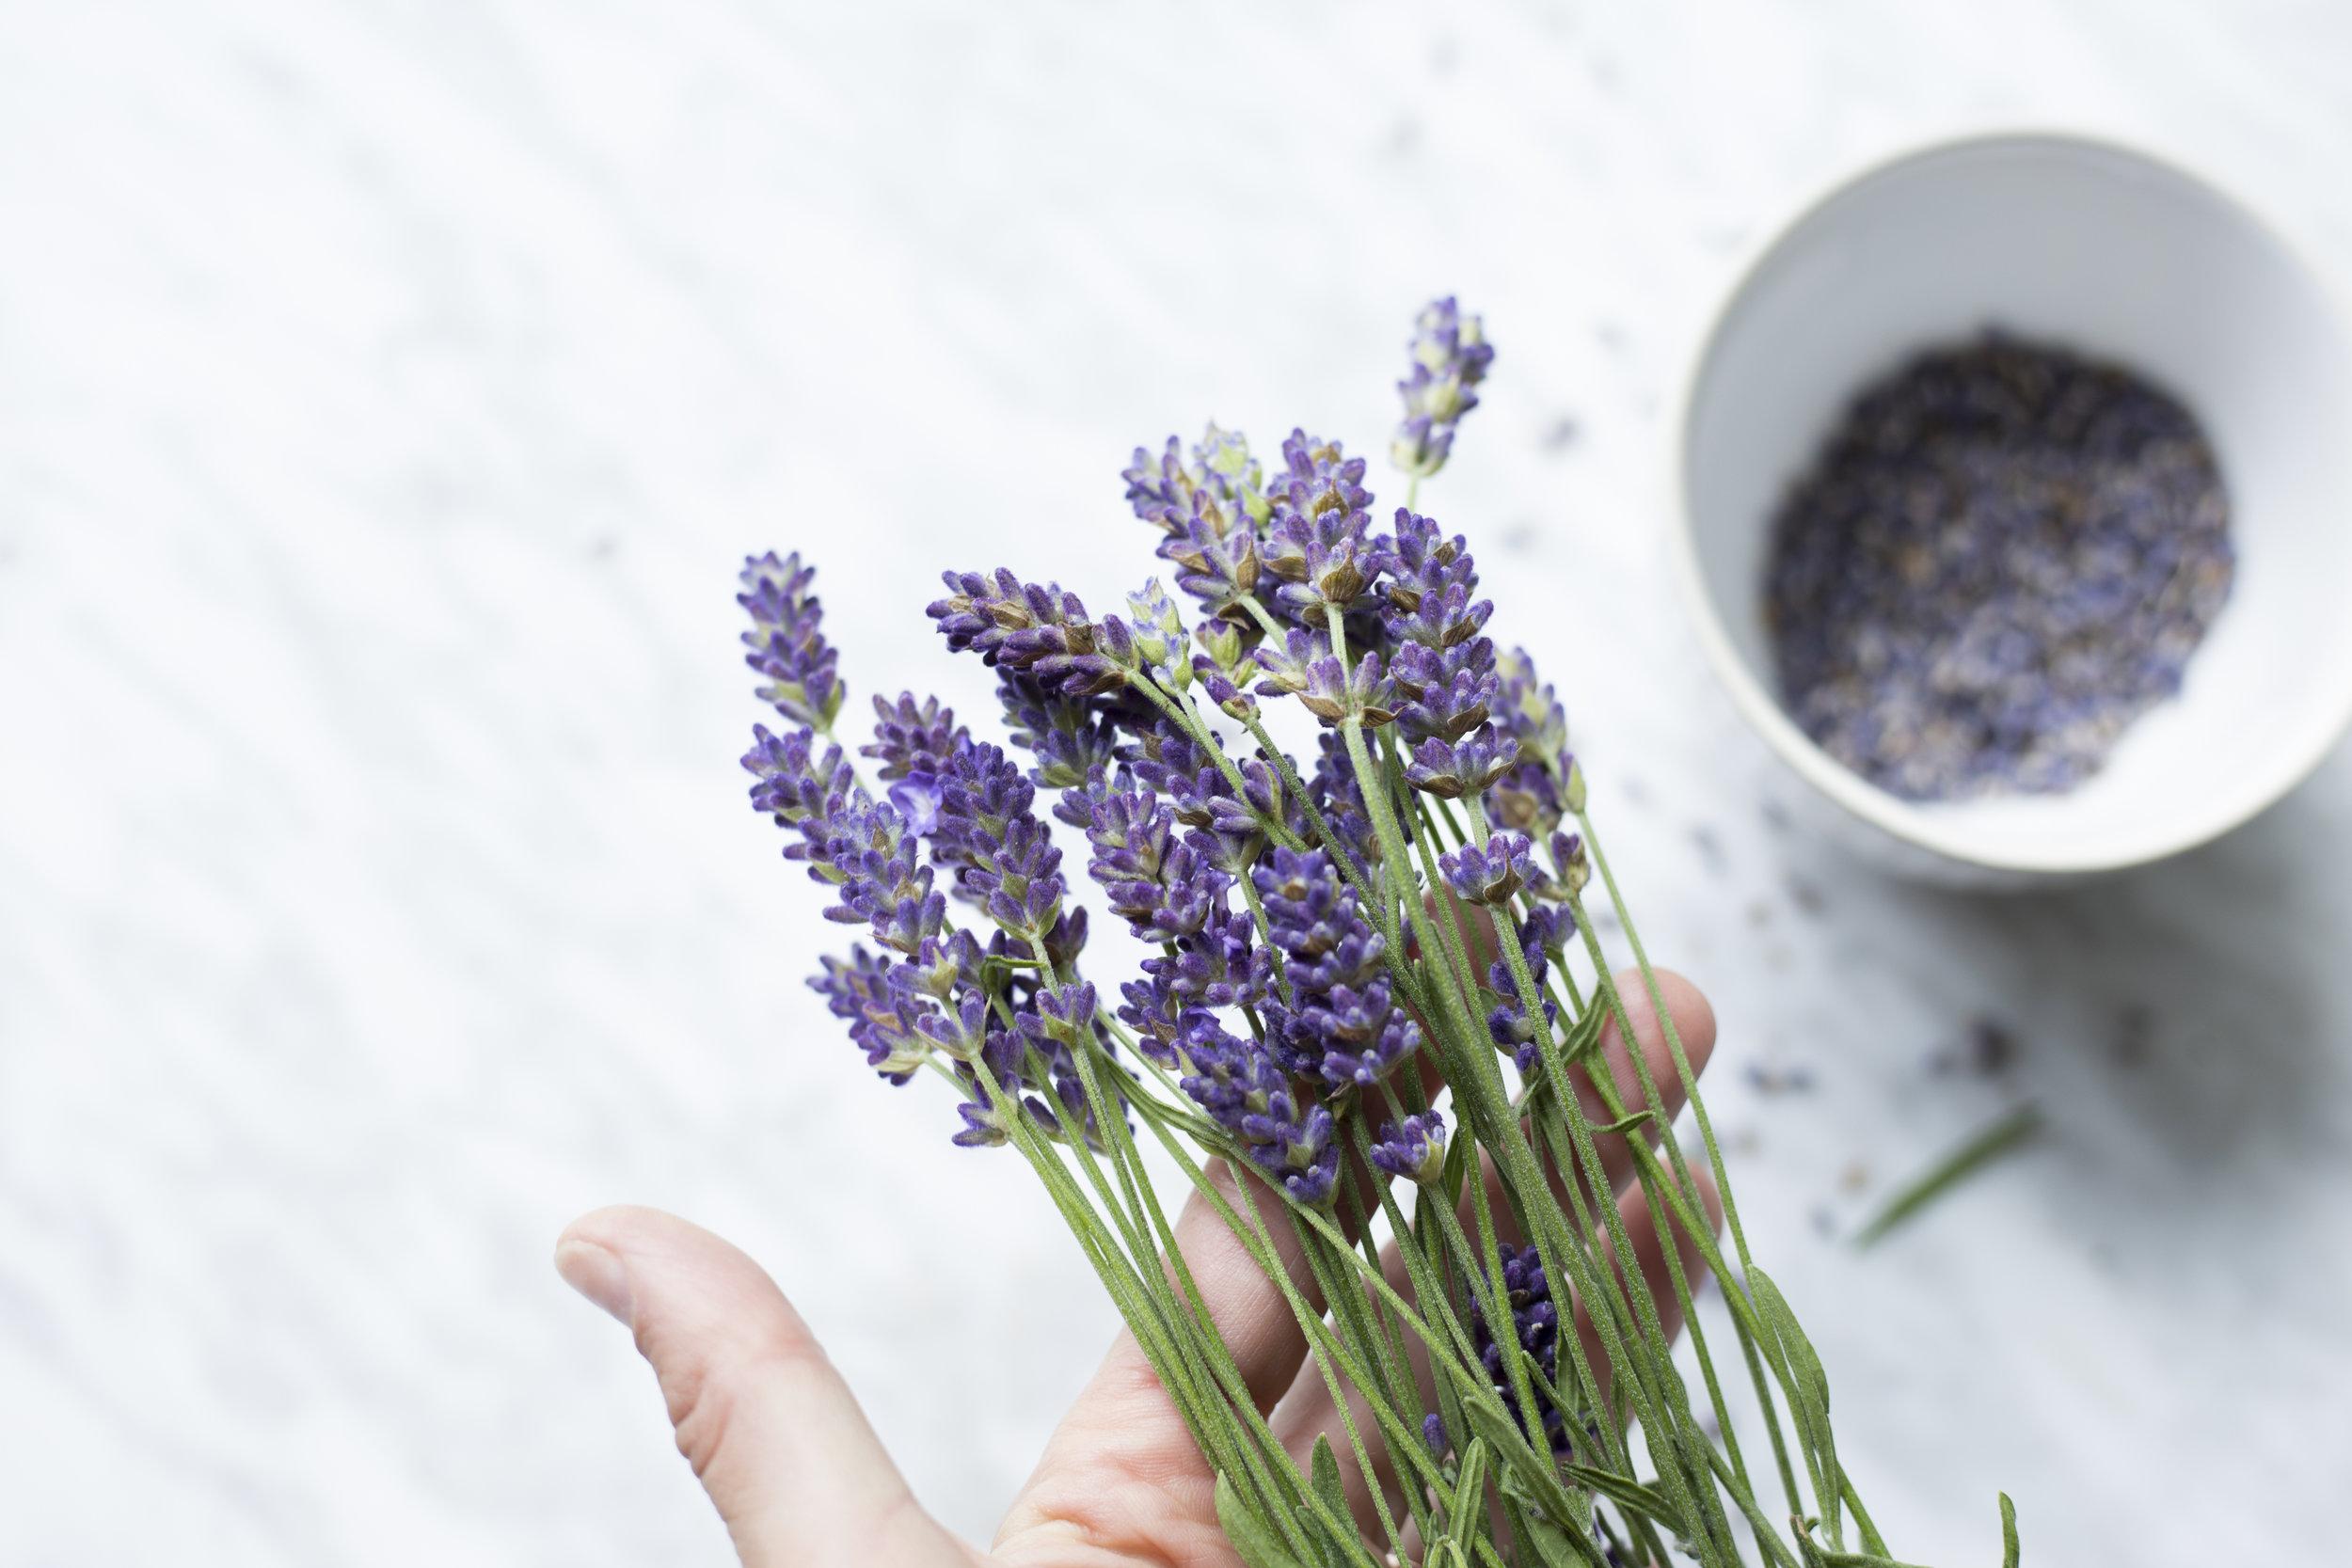 hand holding lavender flowers.jpg